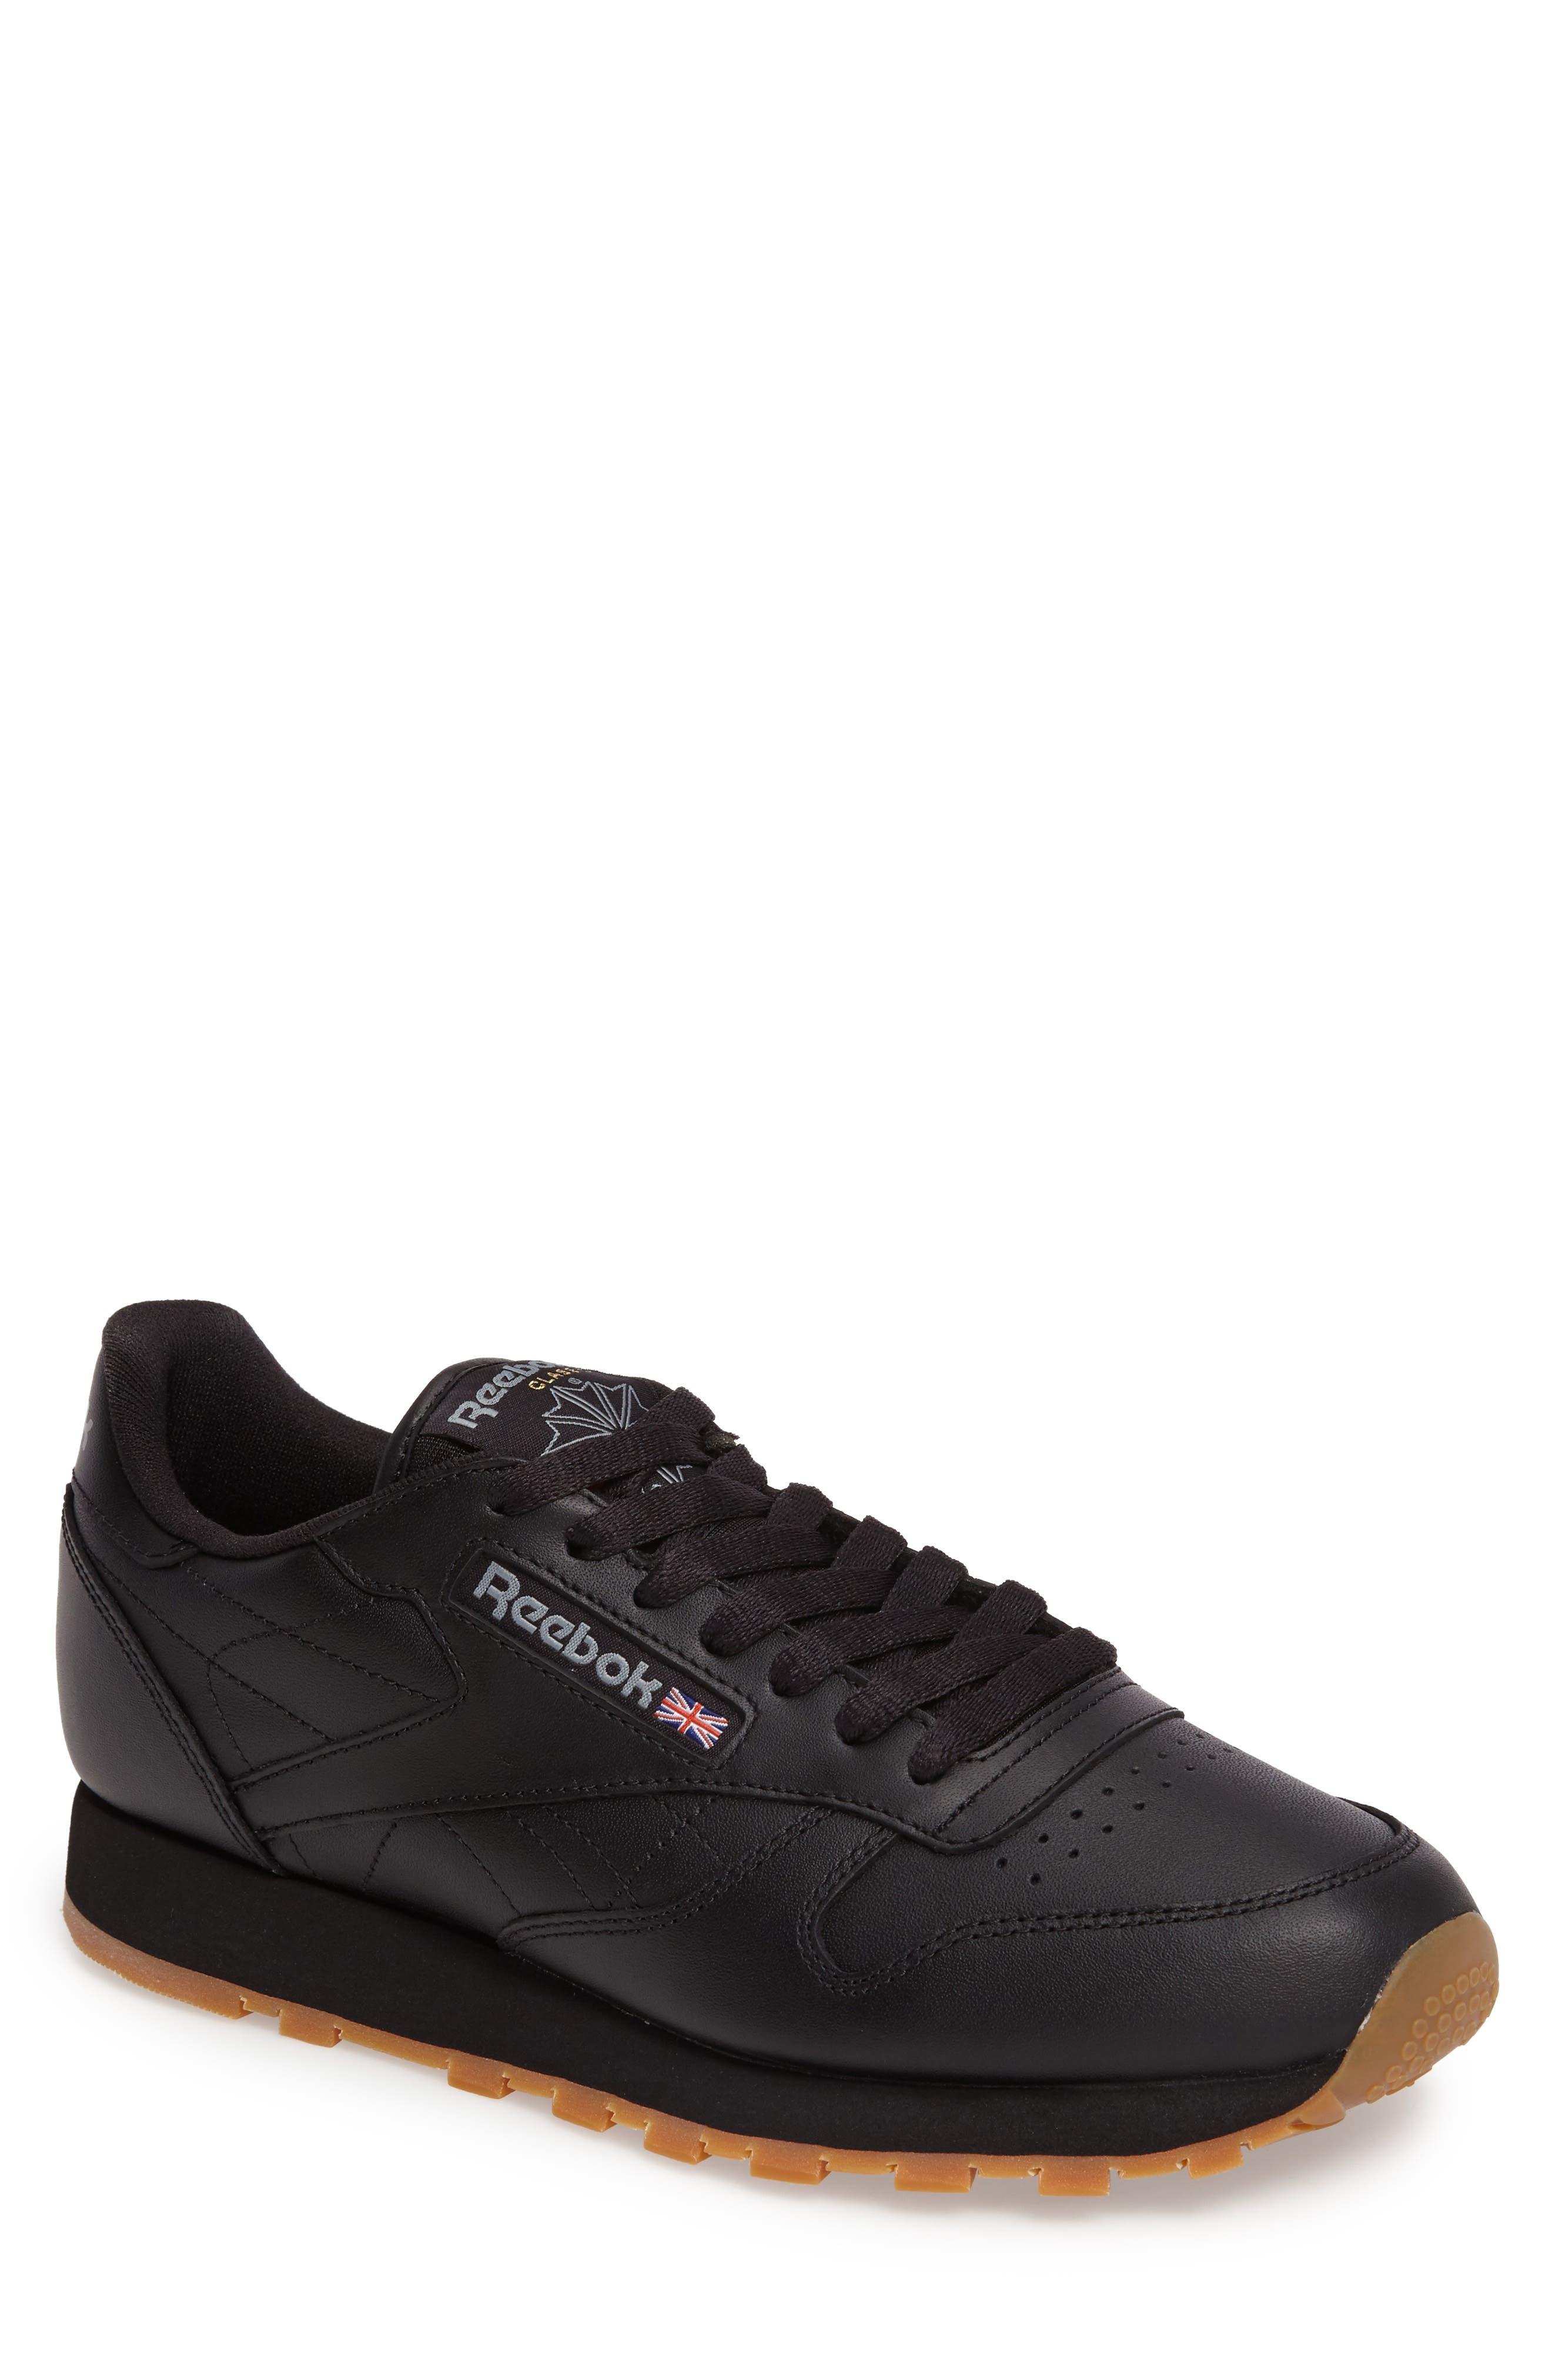 Main Image - Reebok 'Classic' Sneaker (Men)